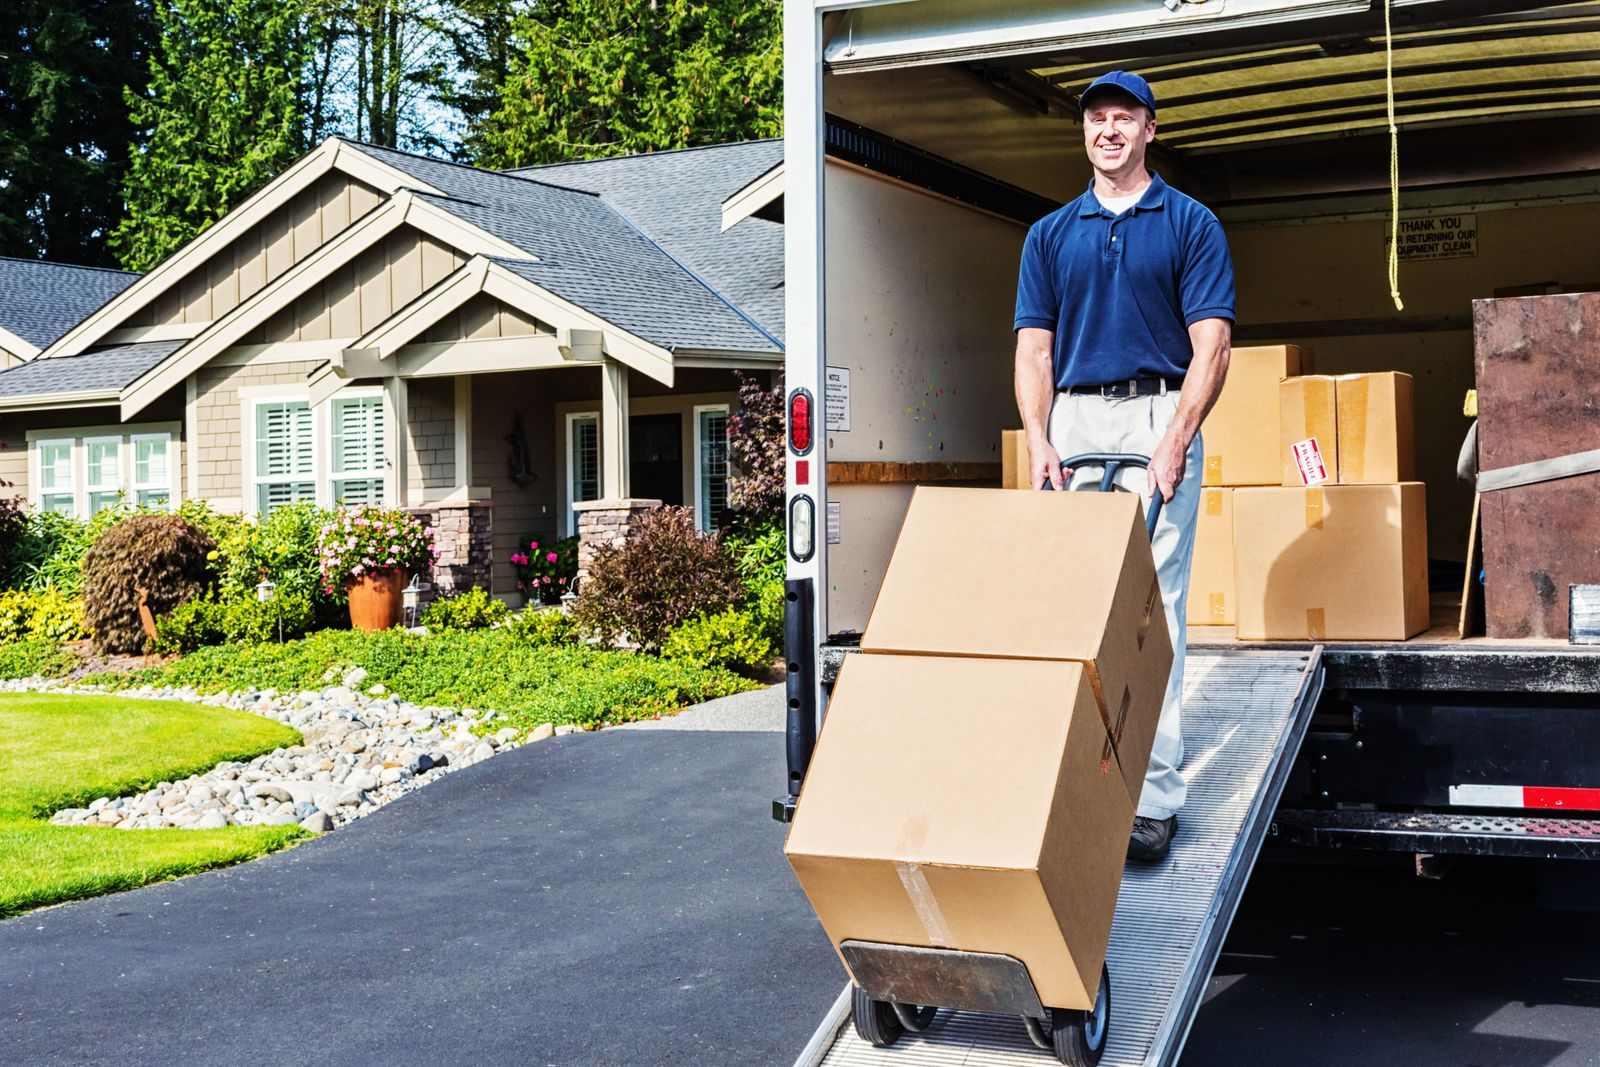 homme compagnie de déménagement embarquant des boîtes dans un camion de déménagement